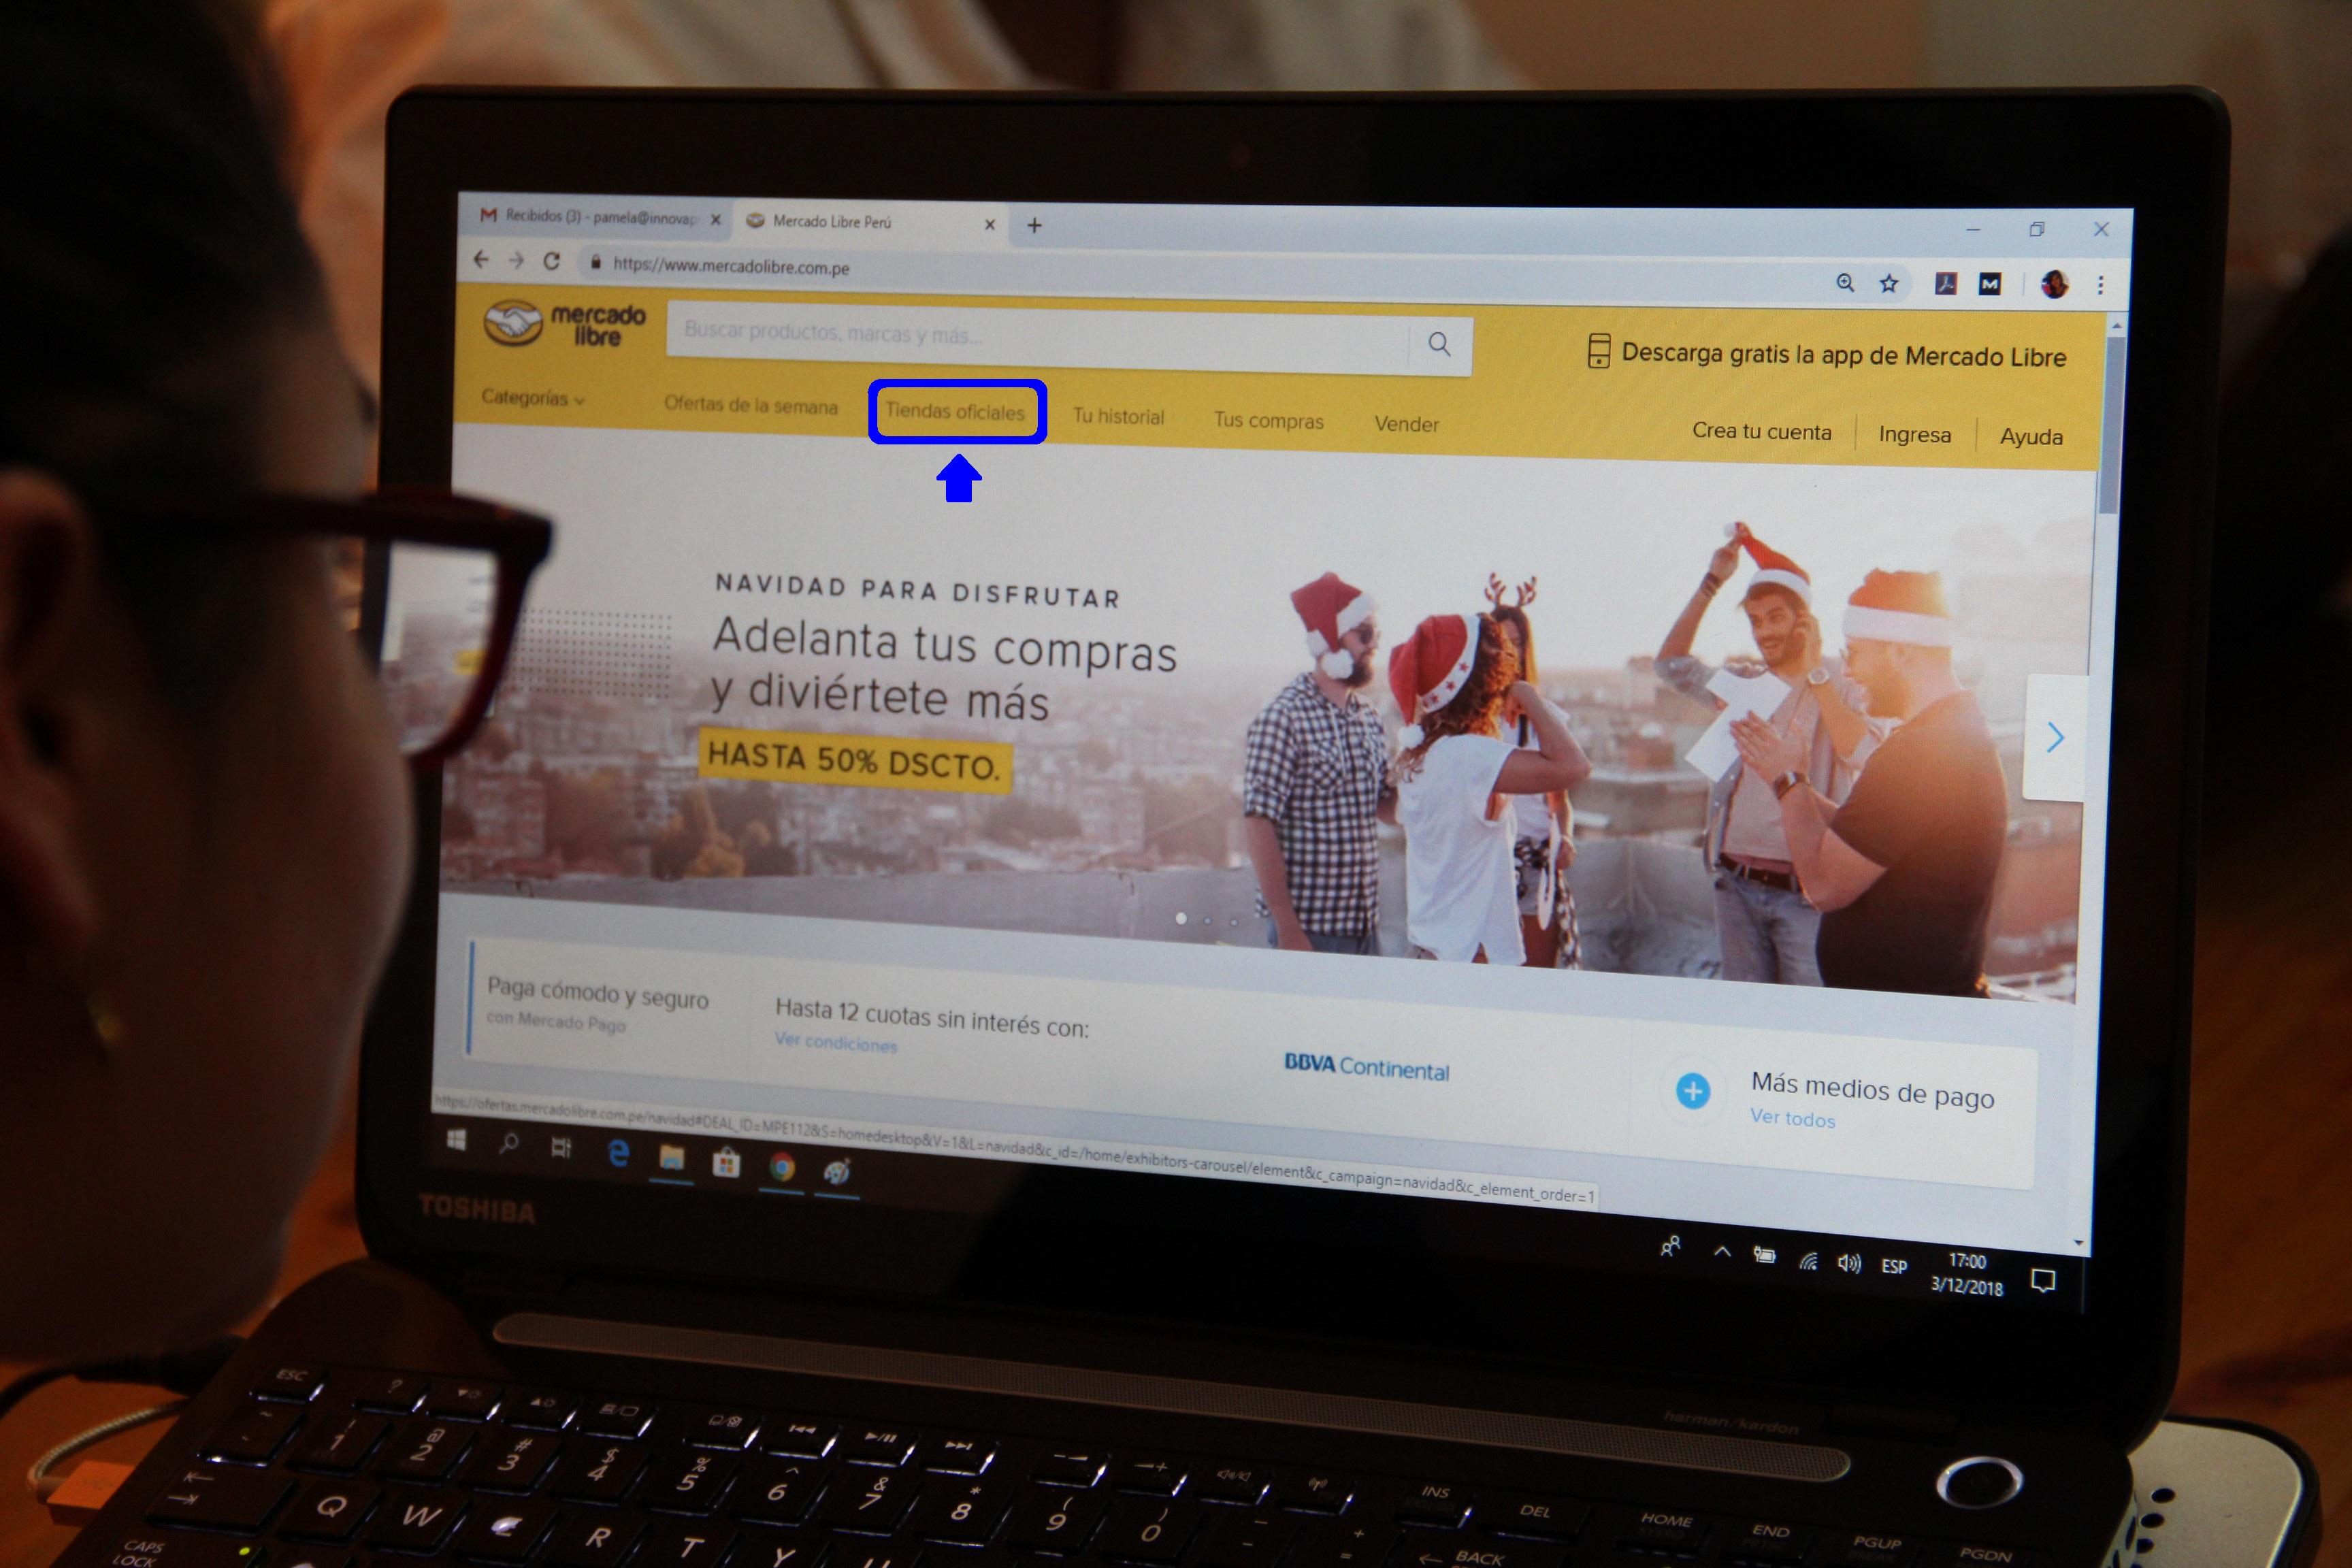 Tiendas Oficiales ya representa el 10% de las ventas de Mercado Libre Perú